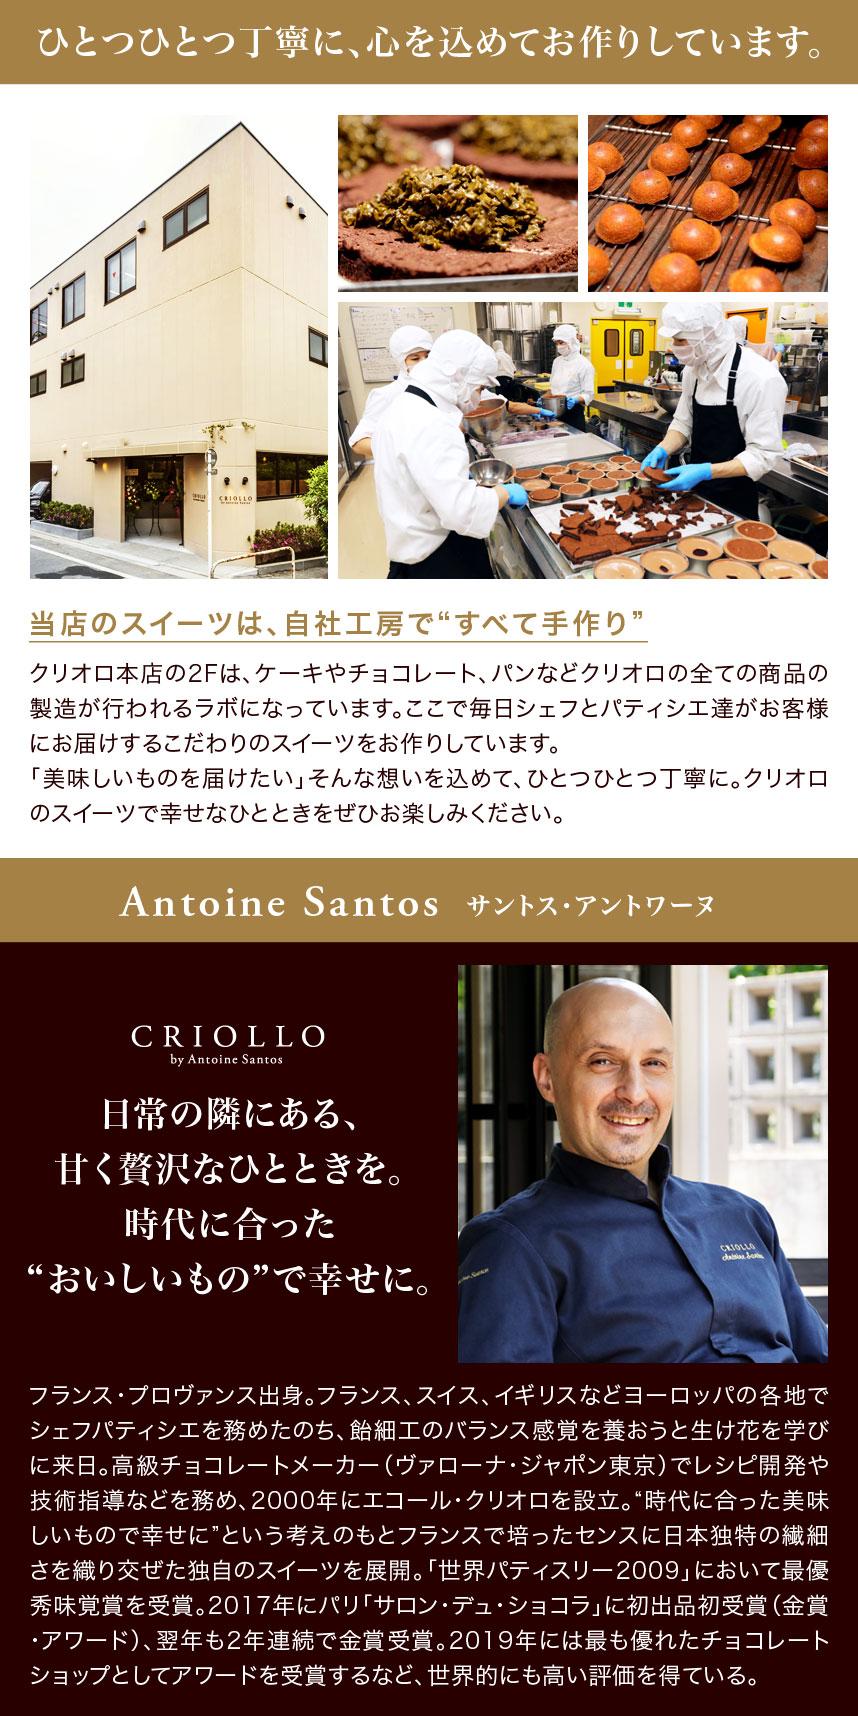 洋菓子店クリオロ